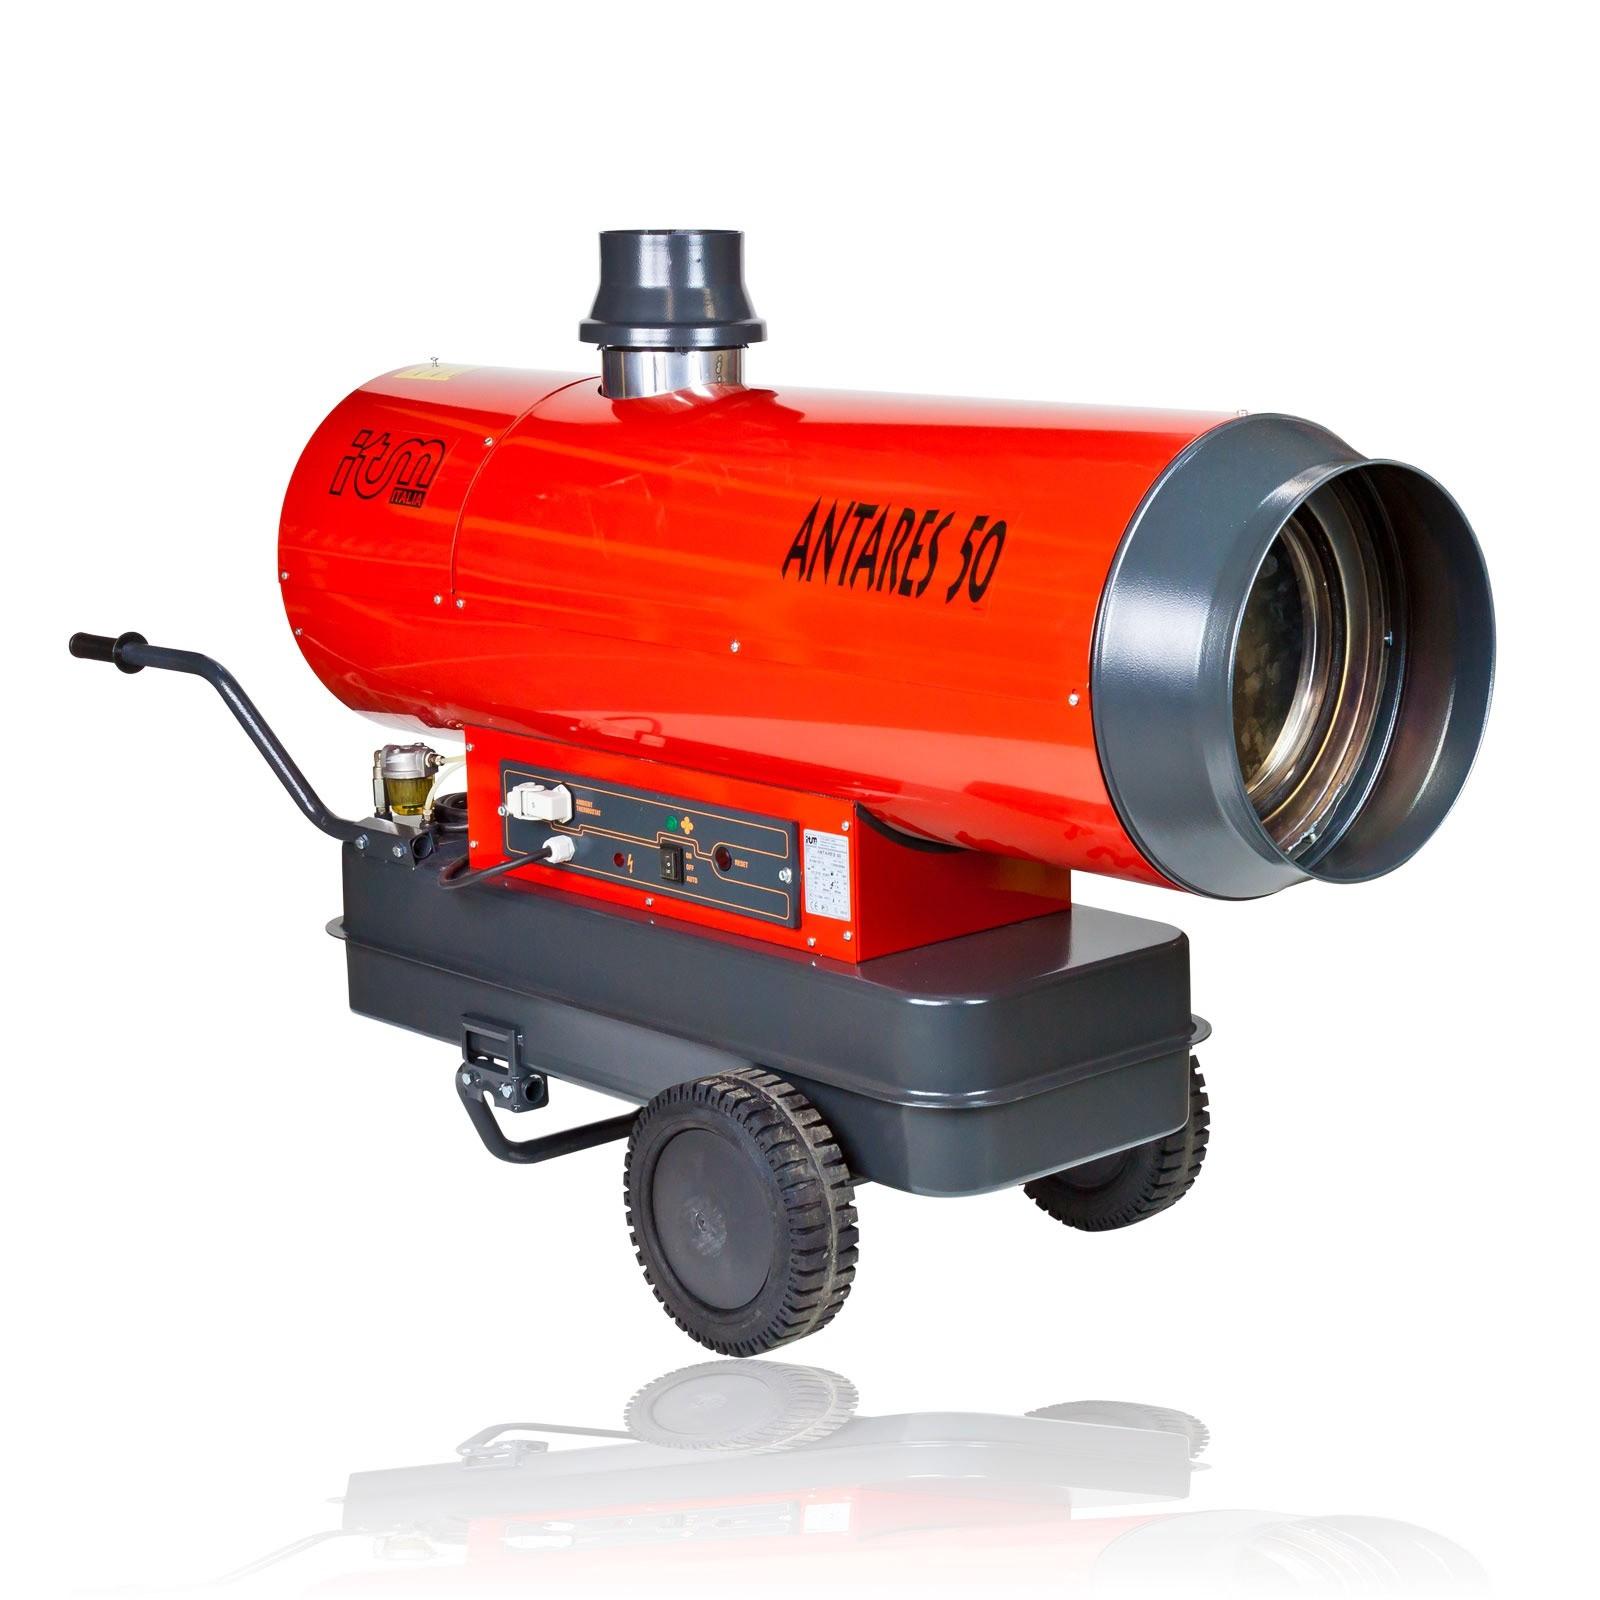 Stabilo-Sanitaer ITM Antares 50 Ölheizer / Heizkanone Öl 50 kW 12353